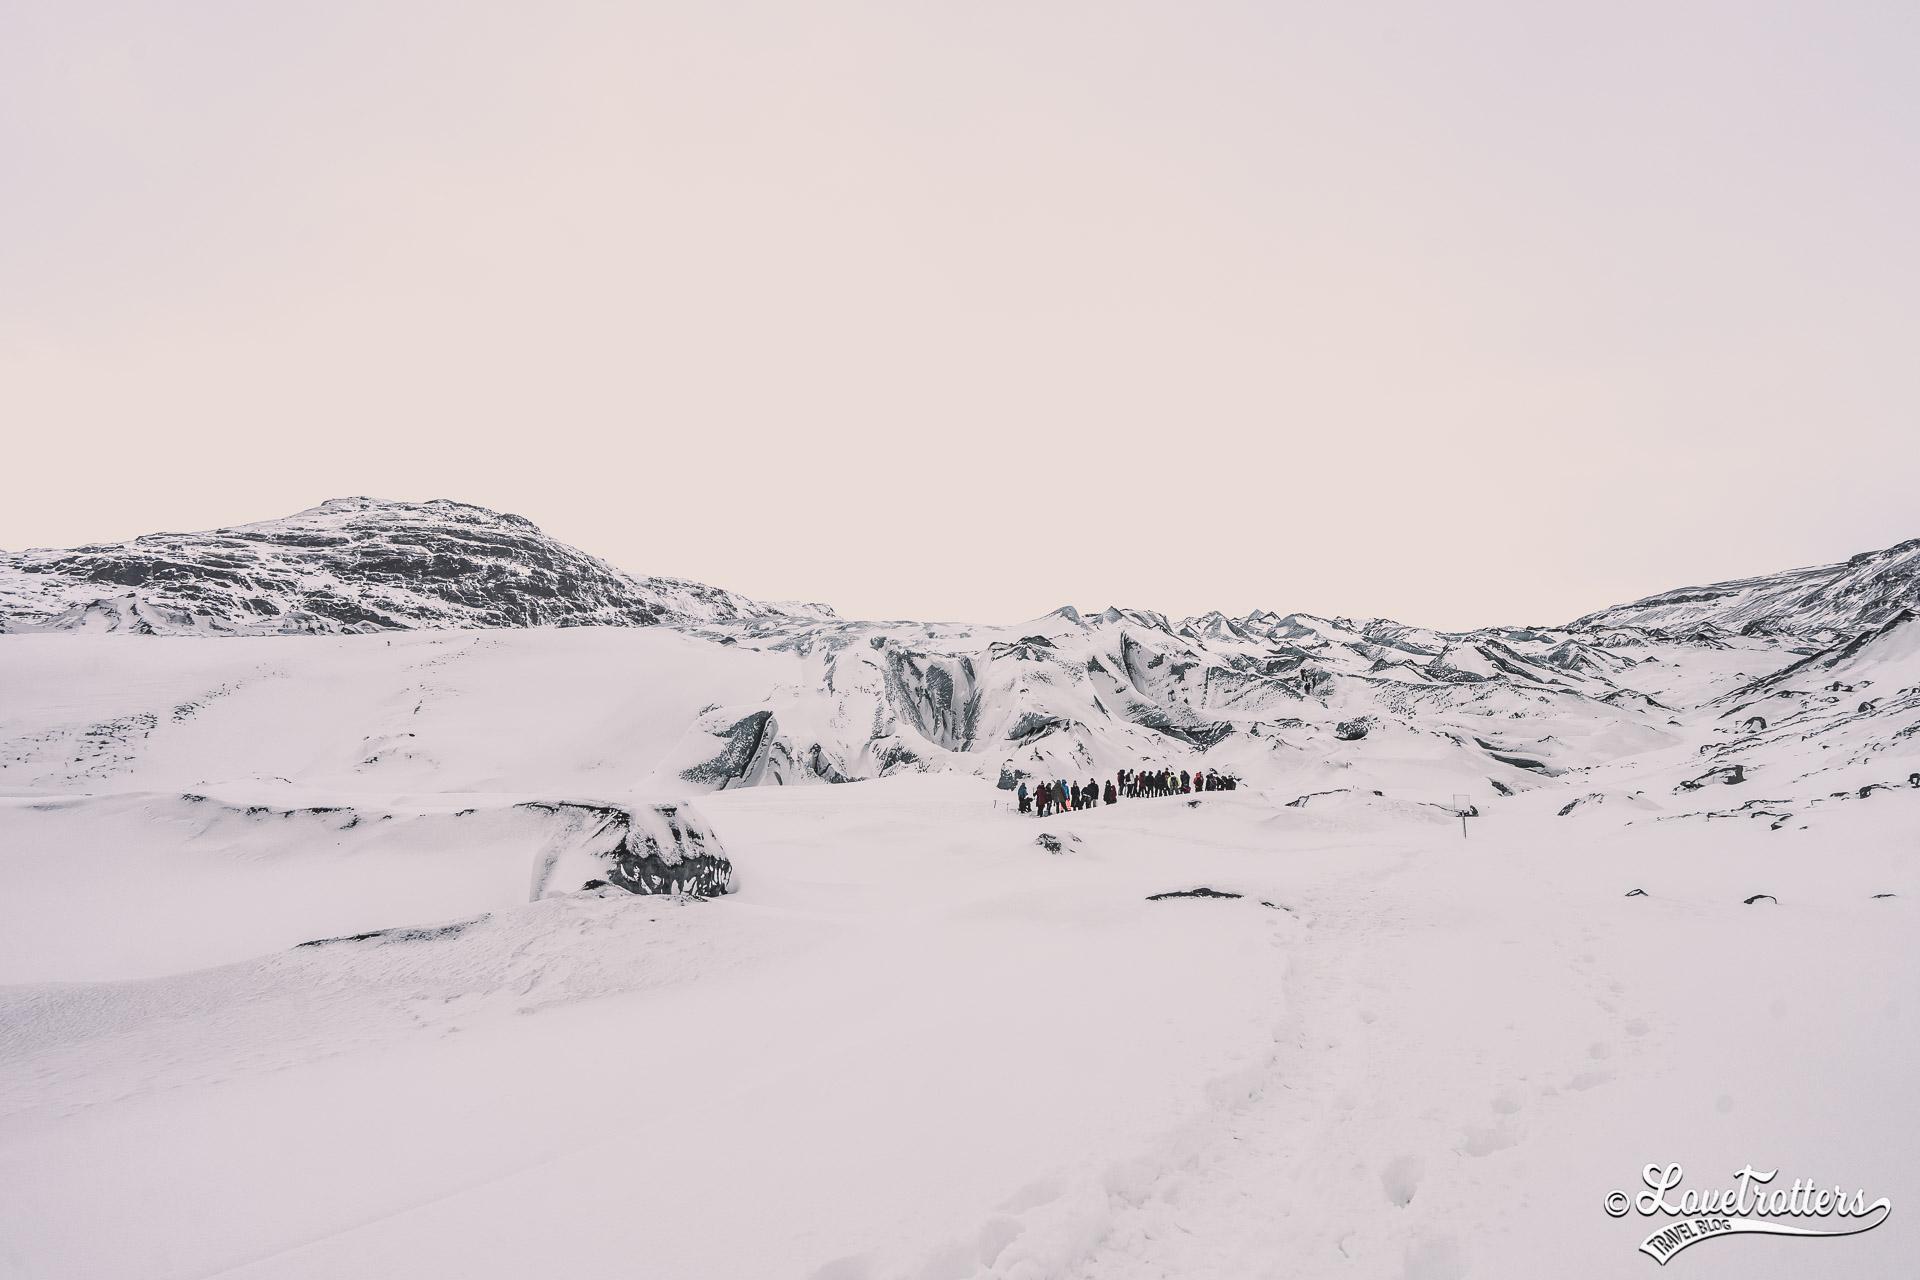 Randonnée sur glace sur le glacier SÓLHEIMAJÖKULL en Islande